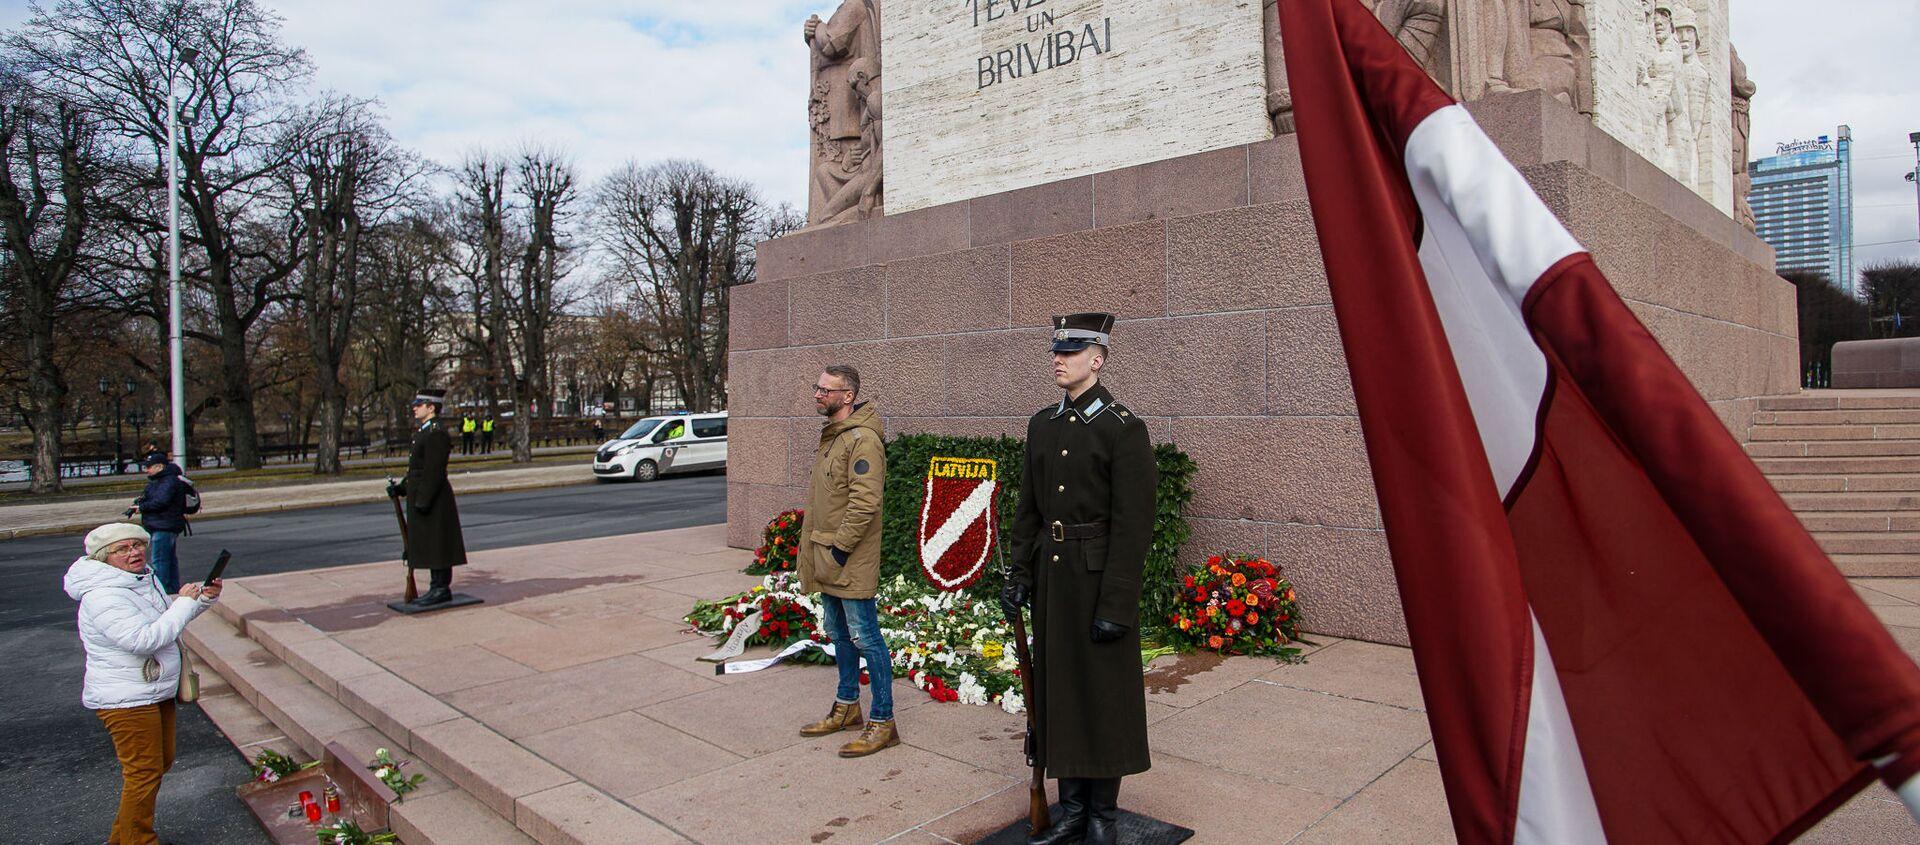 День памяти латышских легионеров Ваффен СС в Риге, 16 марта - Sputnik Латвия, 1920, 16.03.2021